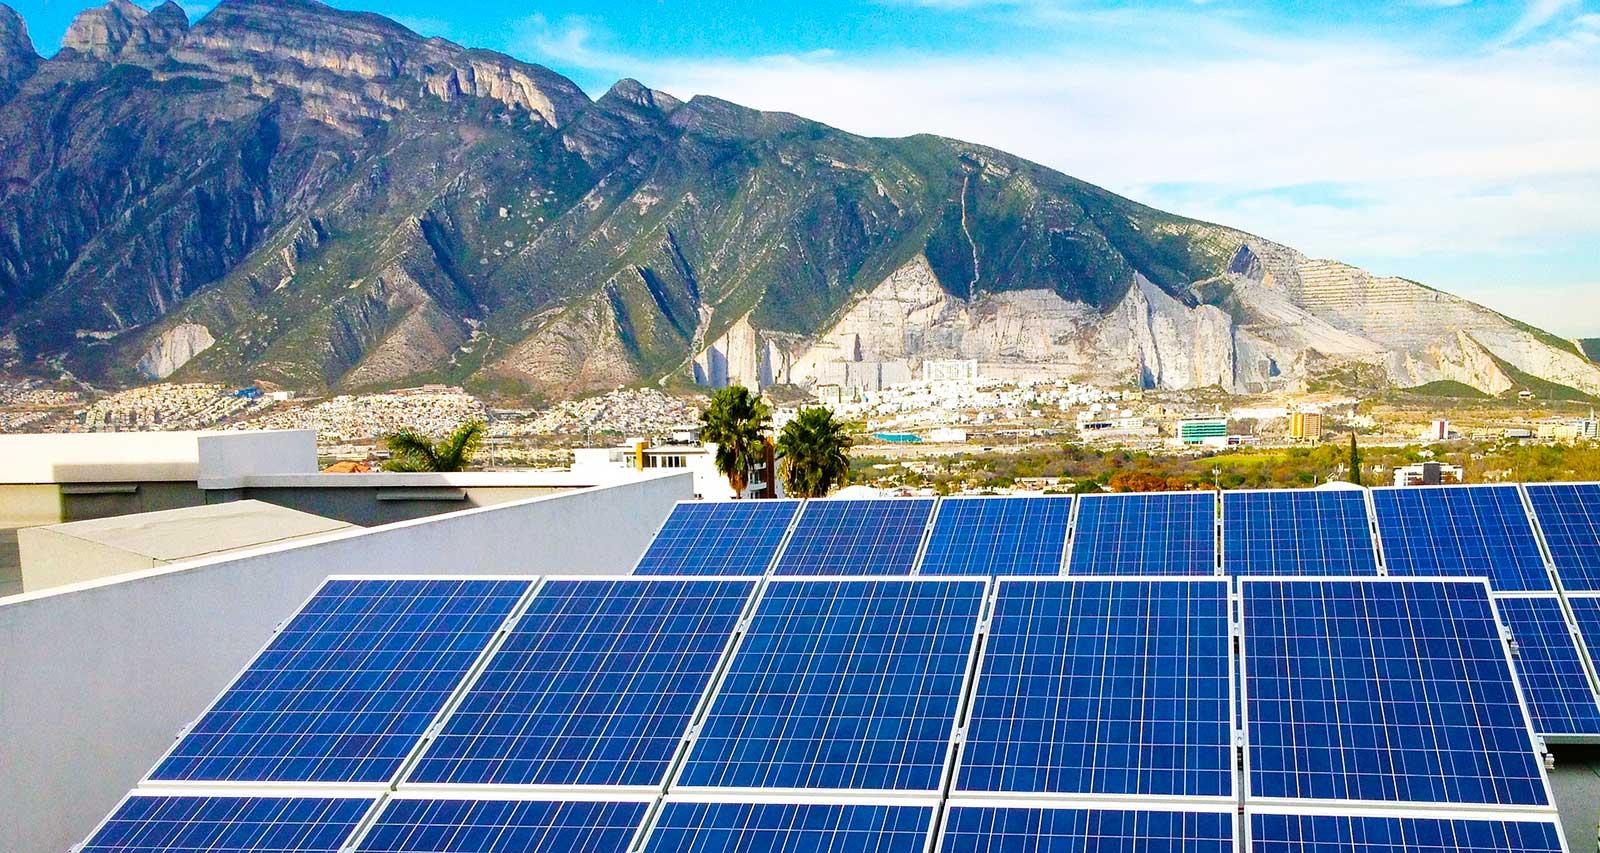 fotovoltaico-relab-impianti-fotovoltaici